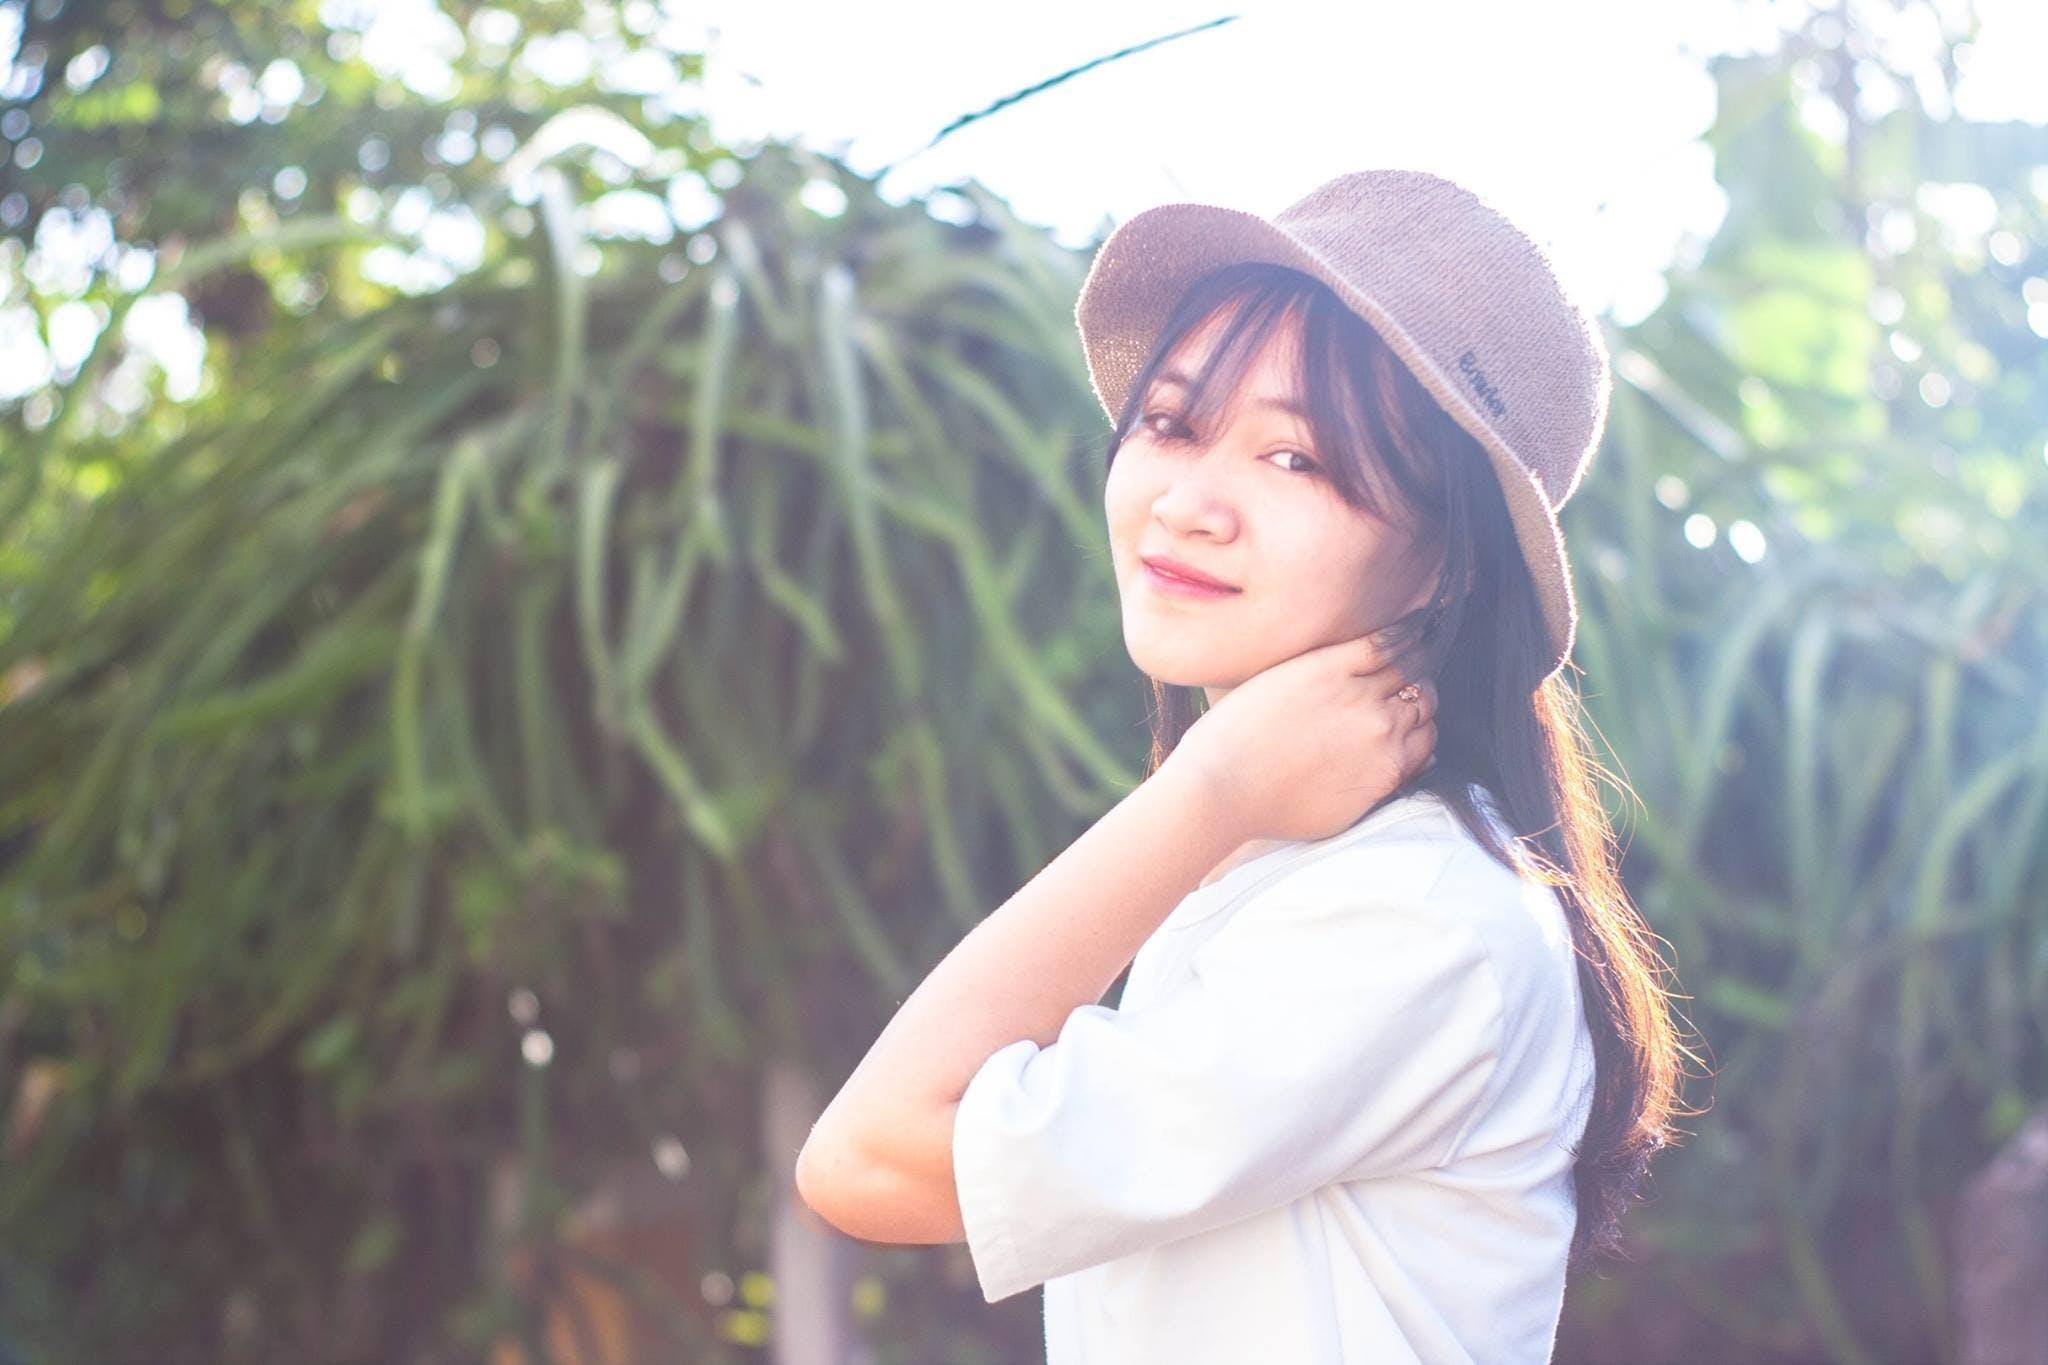 不錯, 亞洲女人, 亞洲女孩, 人 的 免費圖庫相片